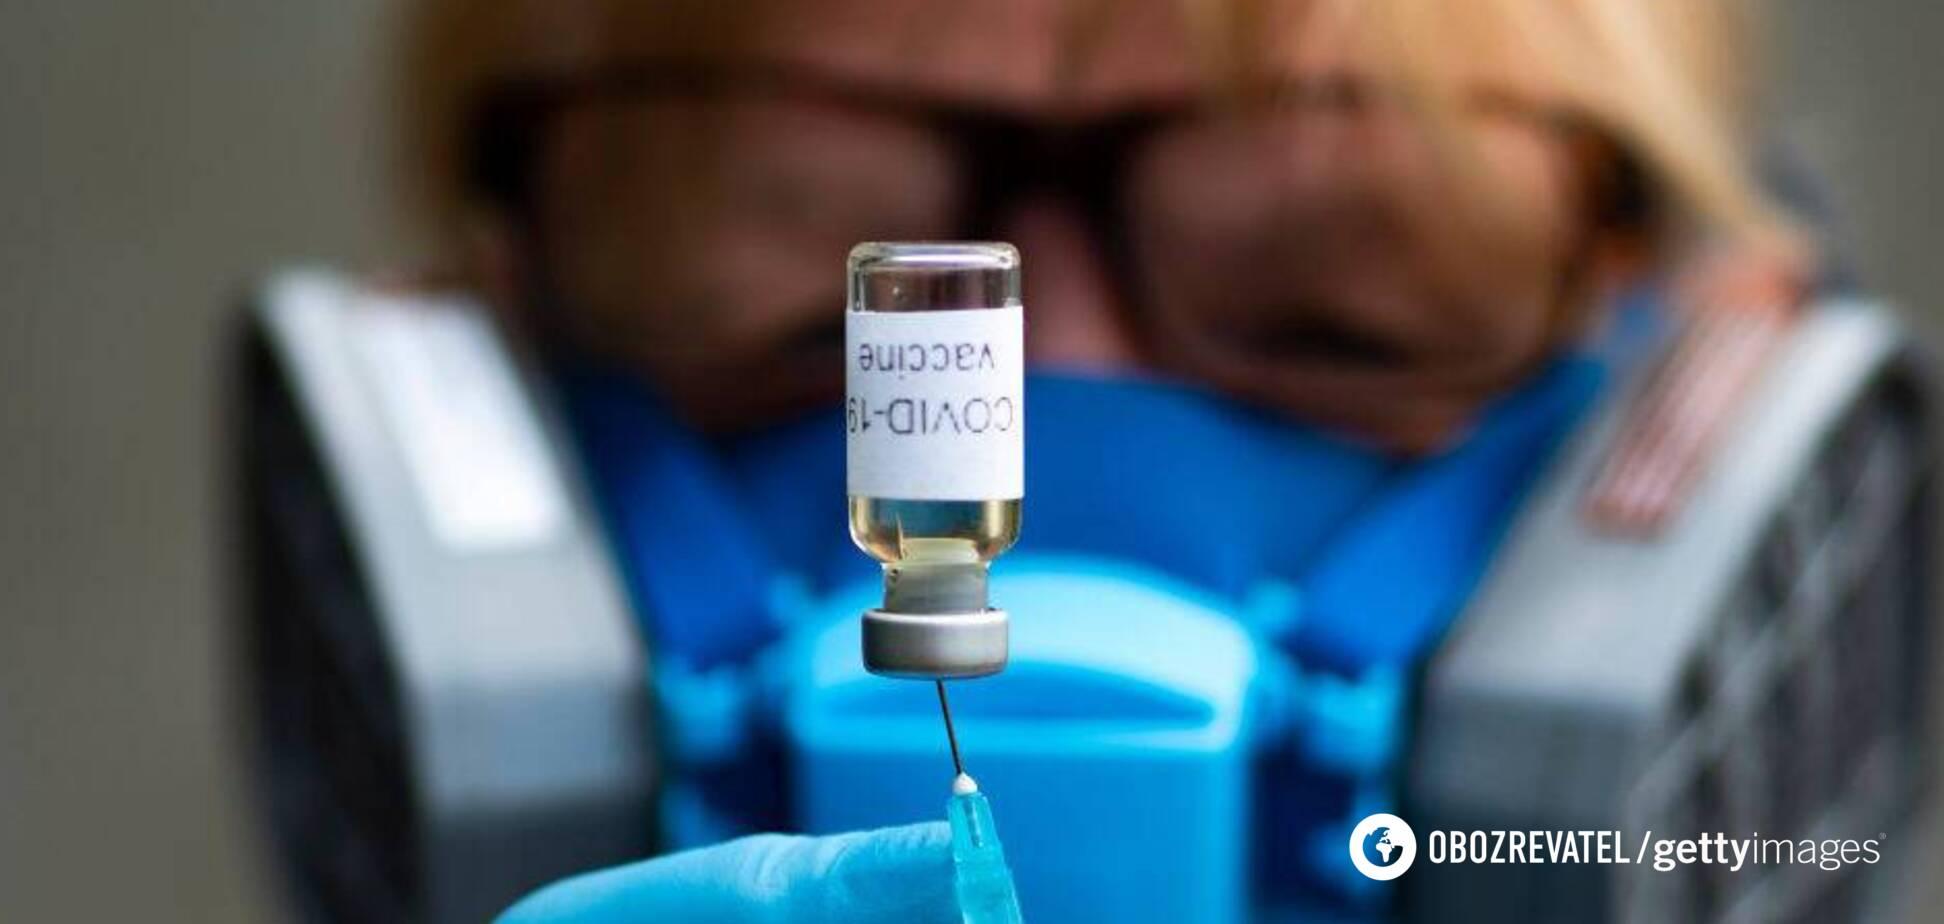 Найдено природное средство для лечения COVID-19: эффективно, как 'Ремдесивир'